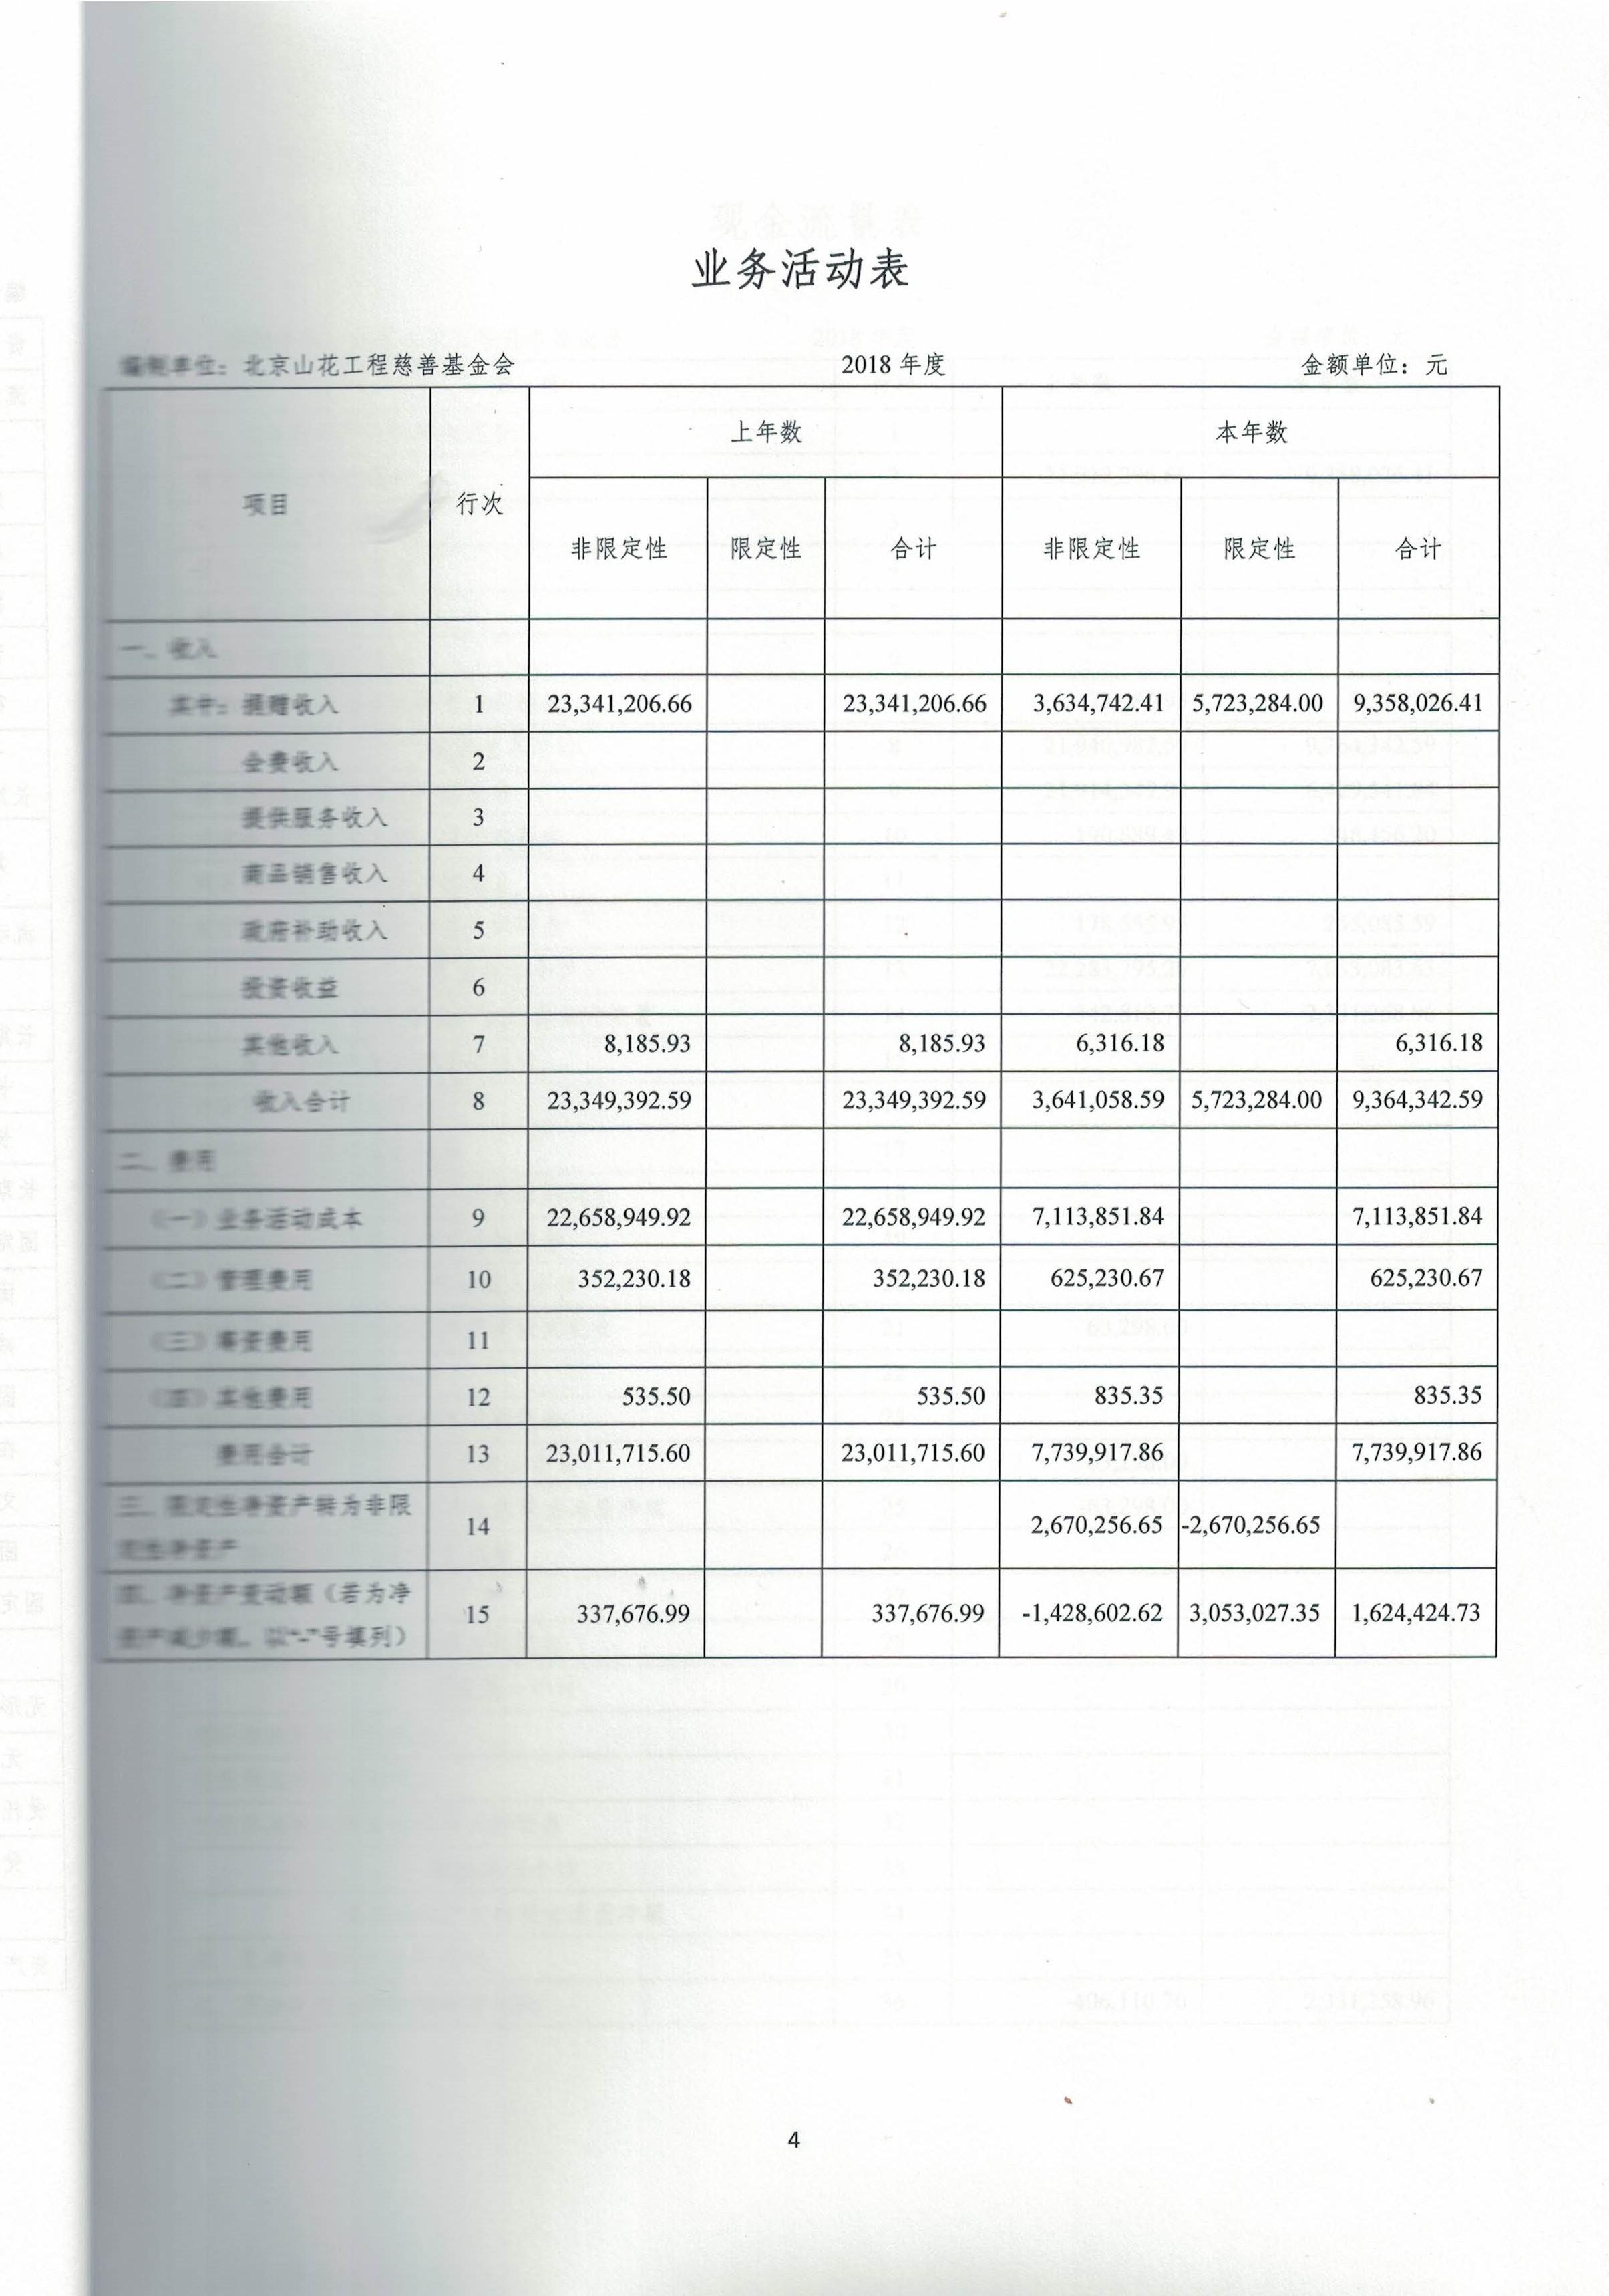 2018审计报告_页面_06